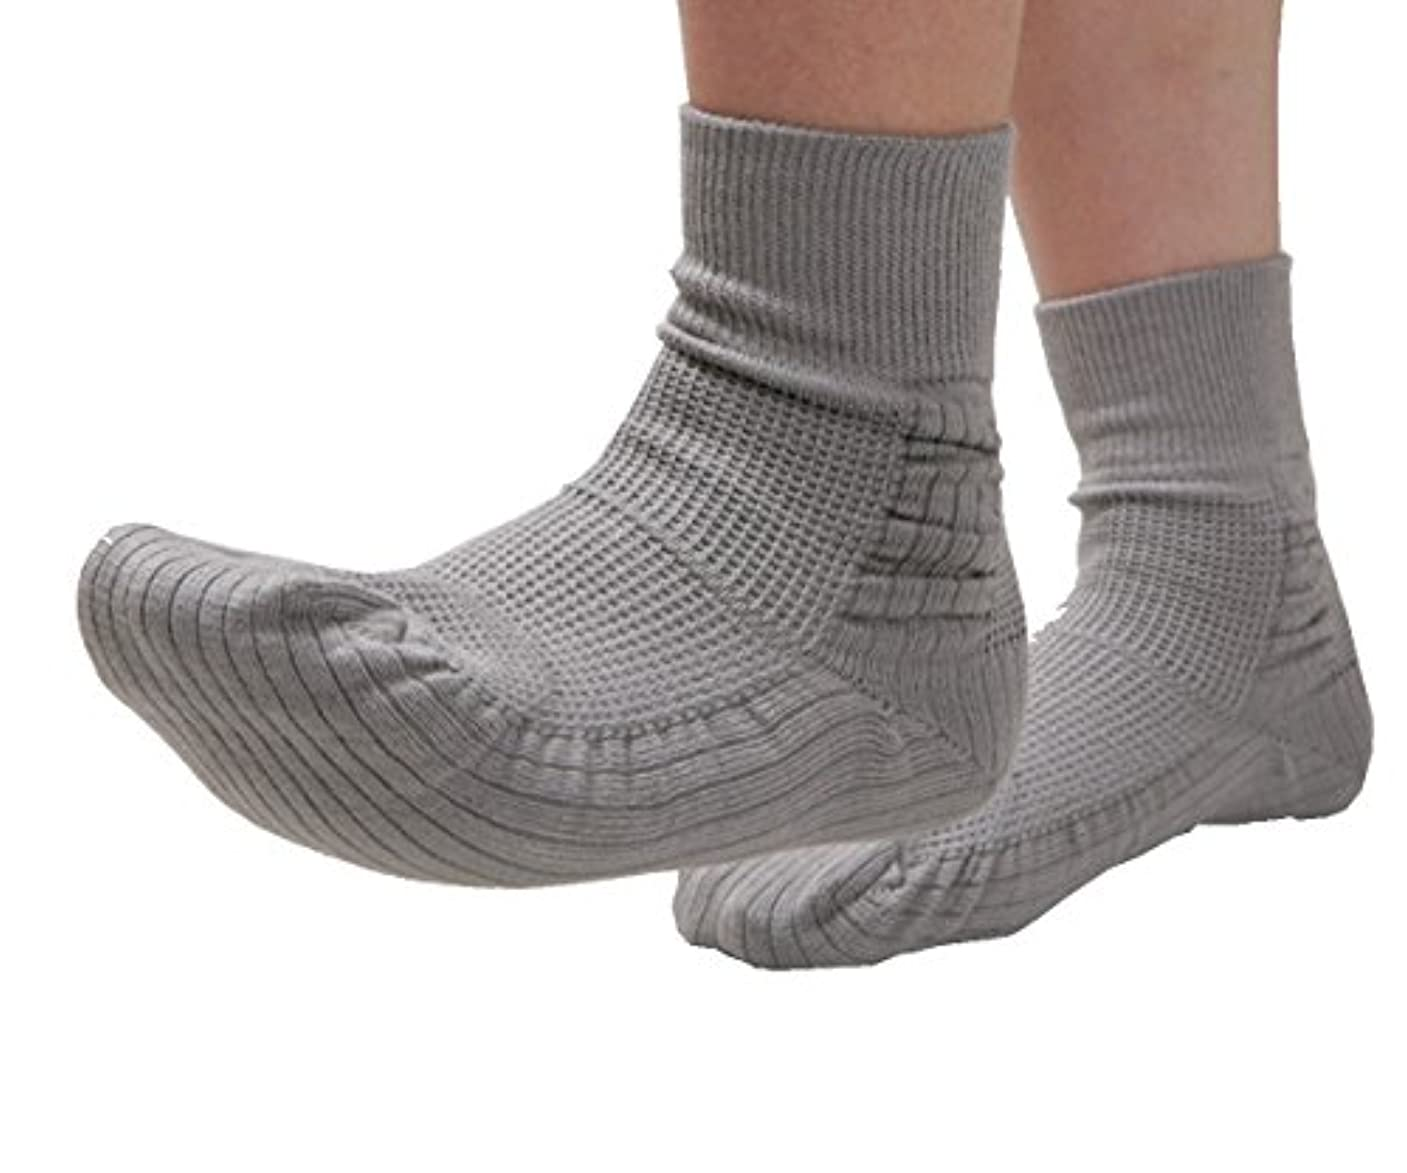 ジェームズダイソンアクション騒転倒予防靴下(コーポレーションパールスター?広島大学開発商品)